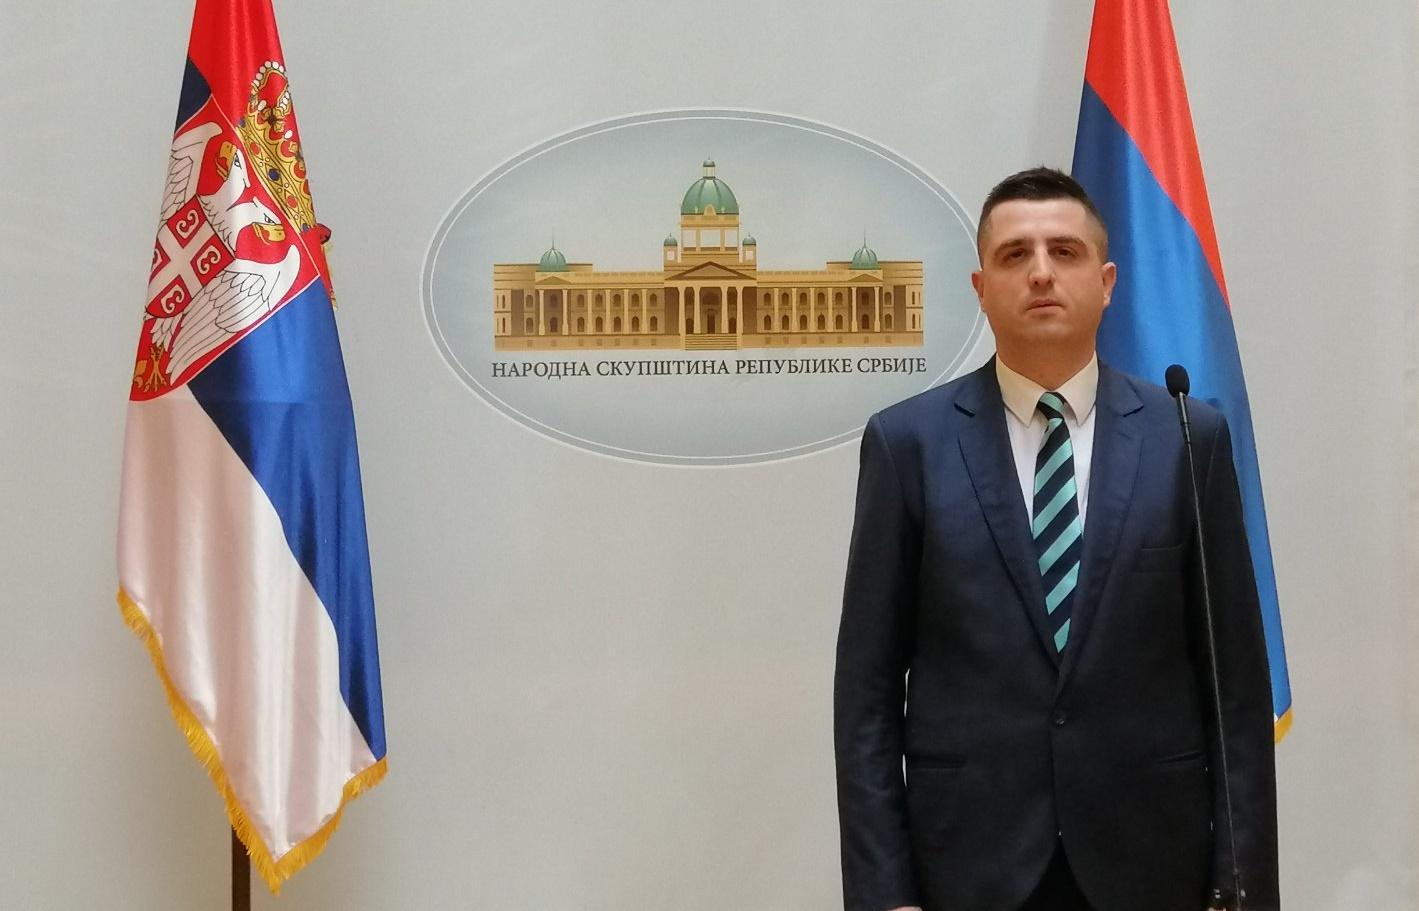 Радош Пејовић: Одговор ЛСВ-у поводом напада на Бошка Обрадовића